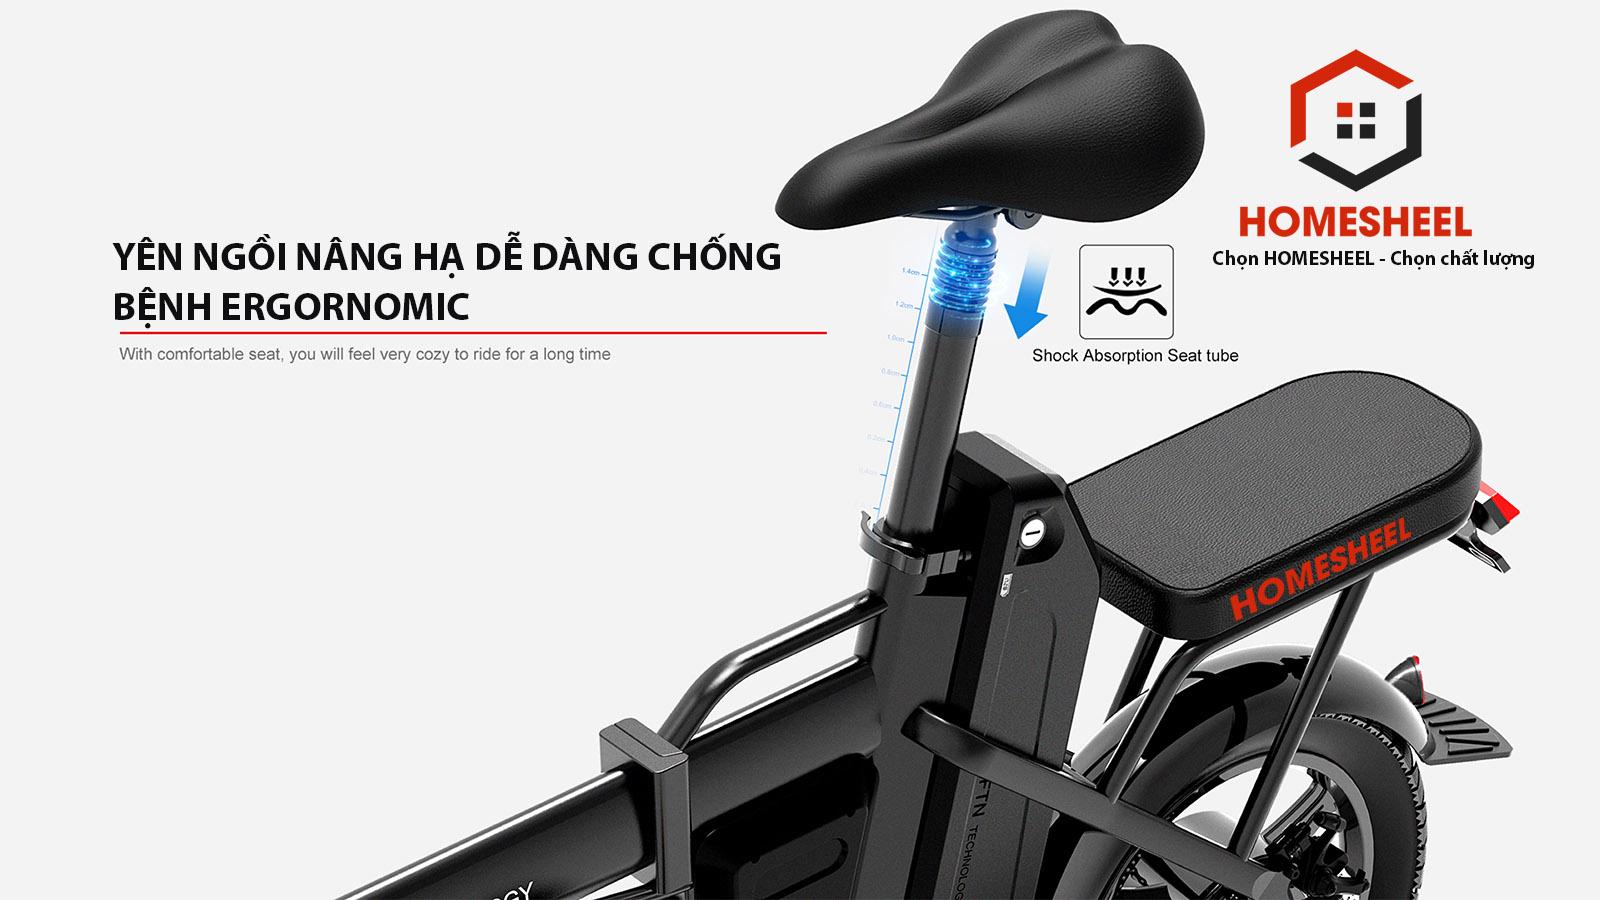 Thông số kỹ thuật xe đạp điện gấp Homesheel FTN T5-10Ah